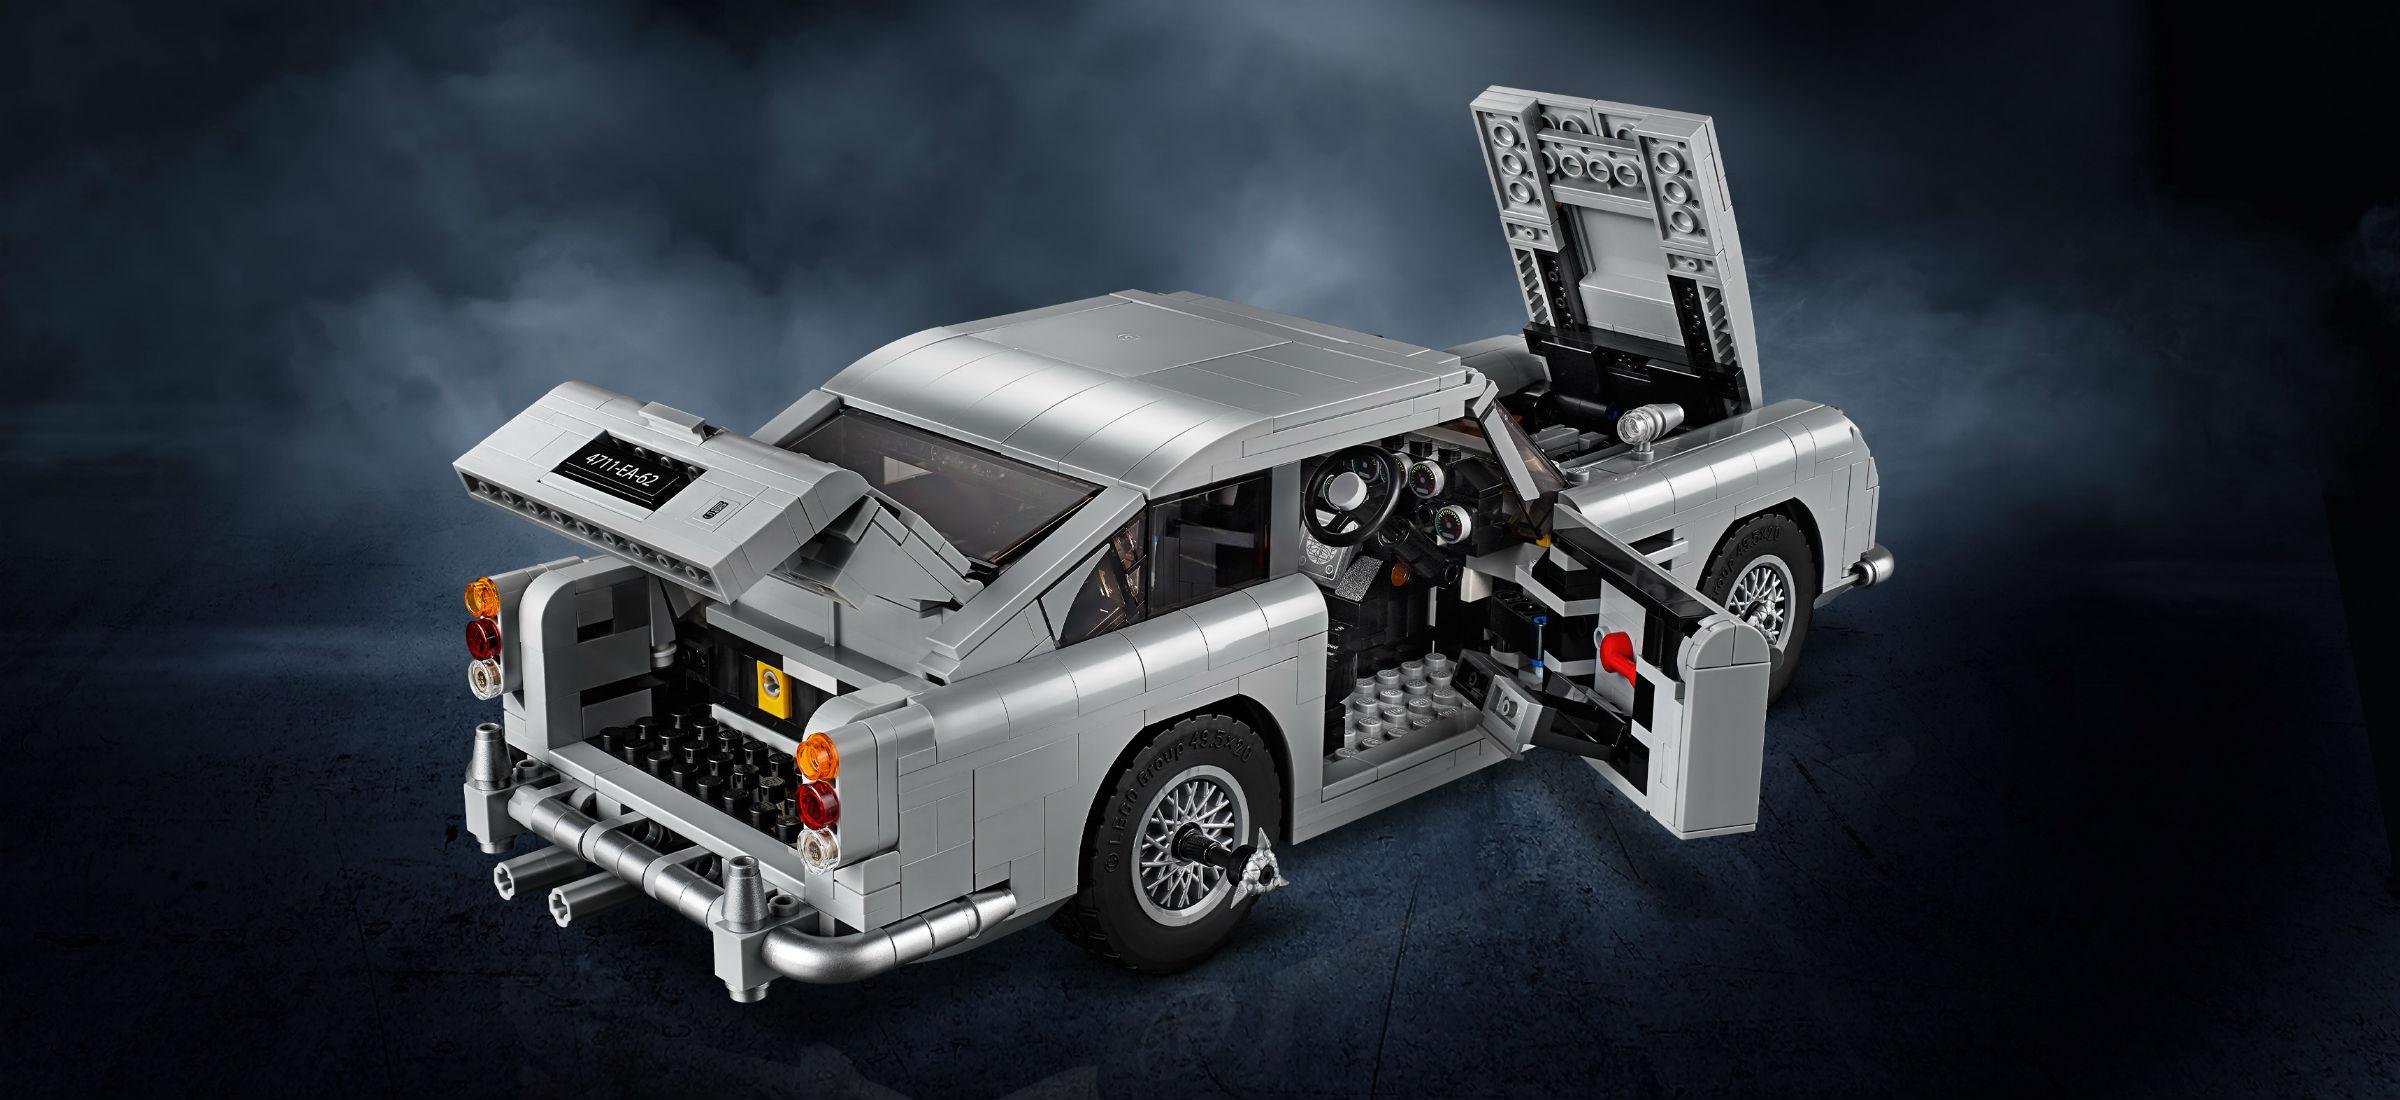 Najbardziej bondowski gadżet w historii Aston Martin z klock³w Lego